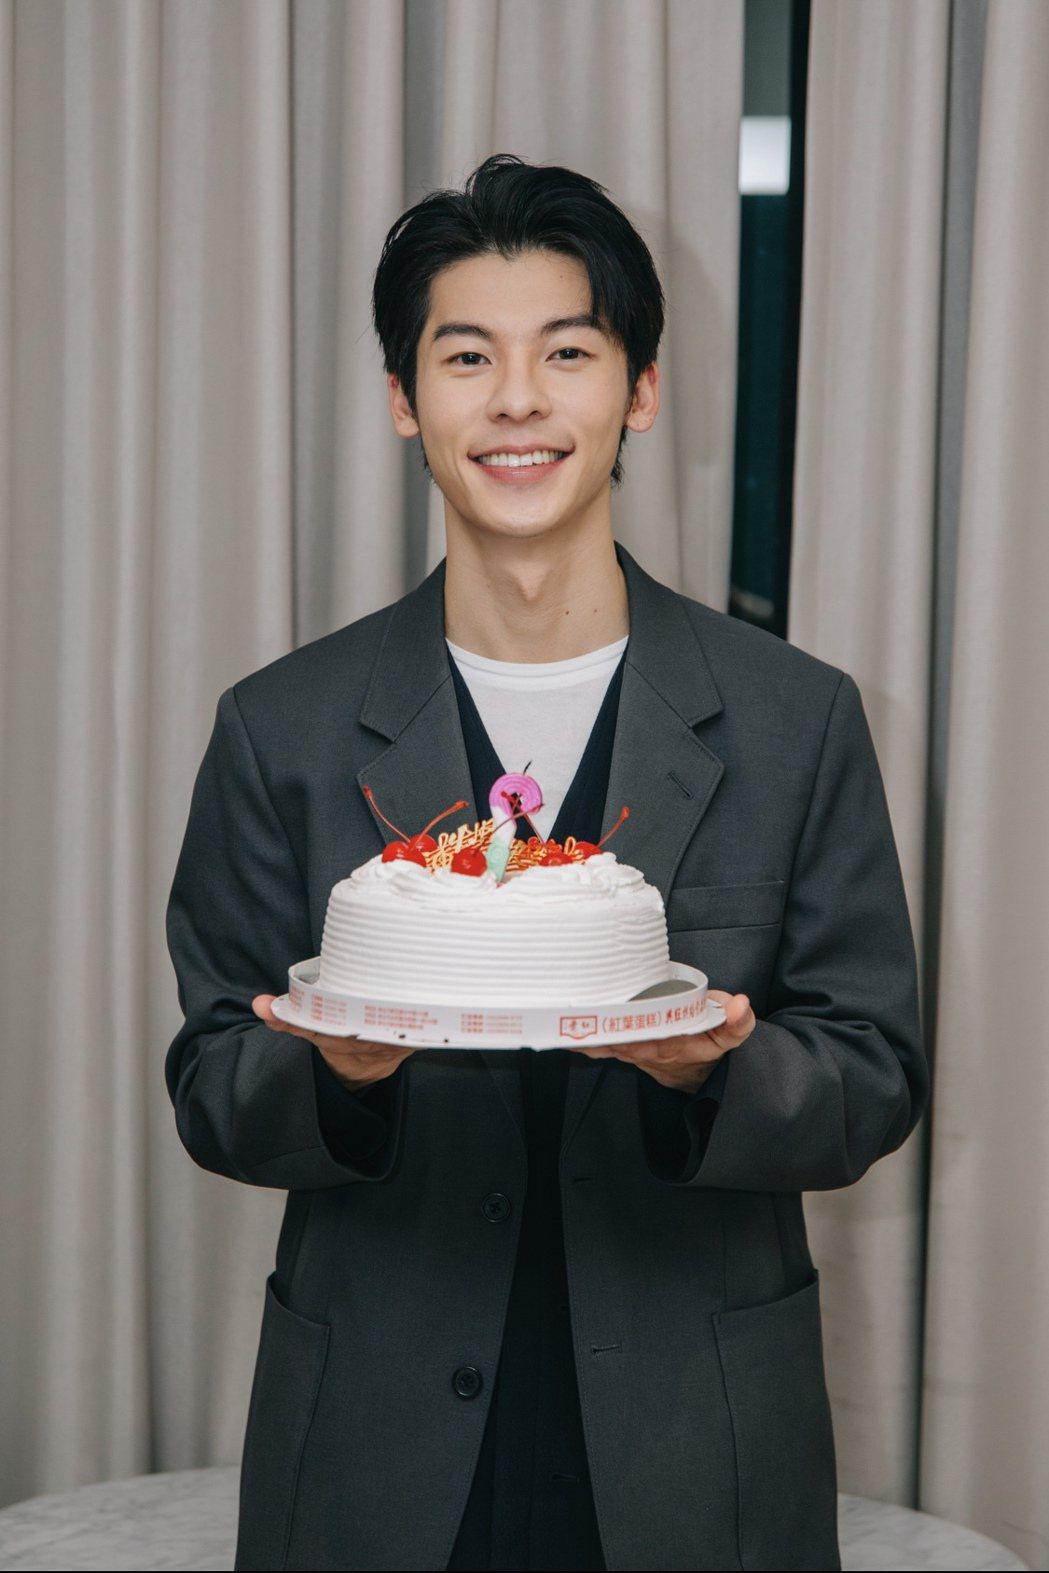 許光漢今天迎接30歲生日,想買車作為自己的生日禮物。圖/何樂音樂提供